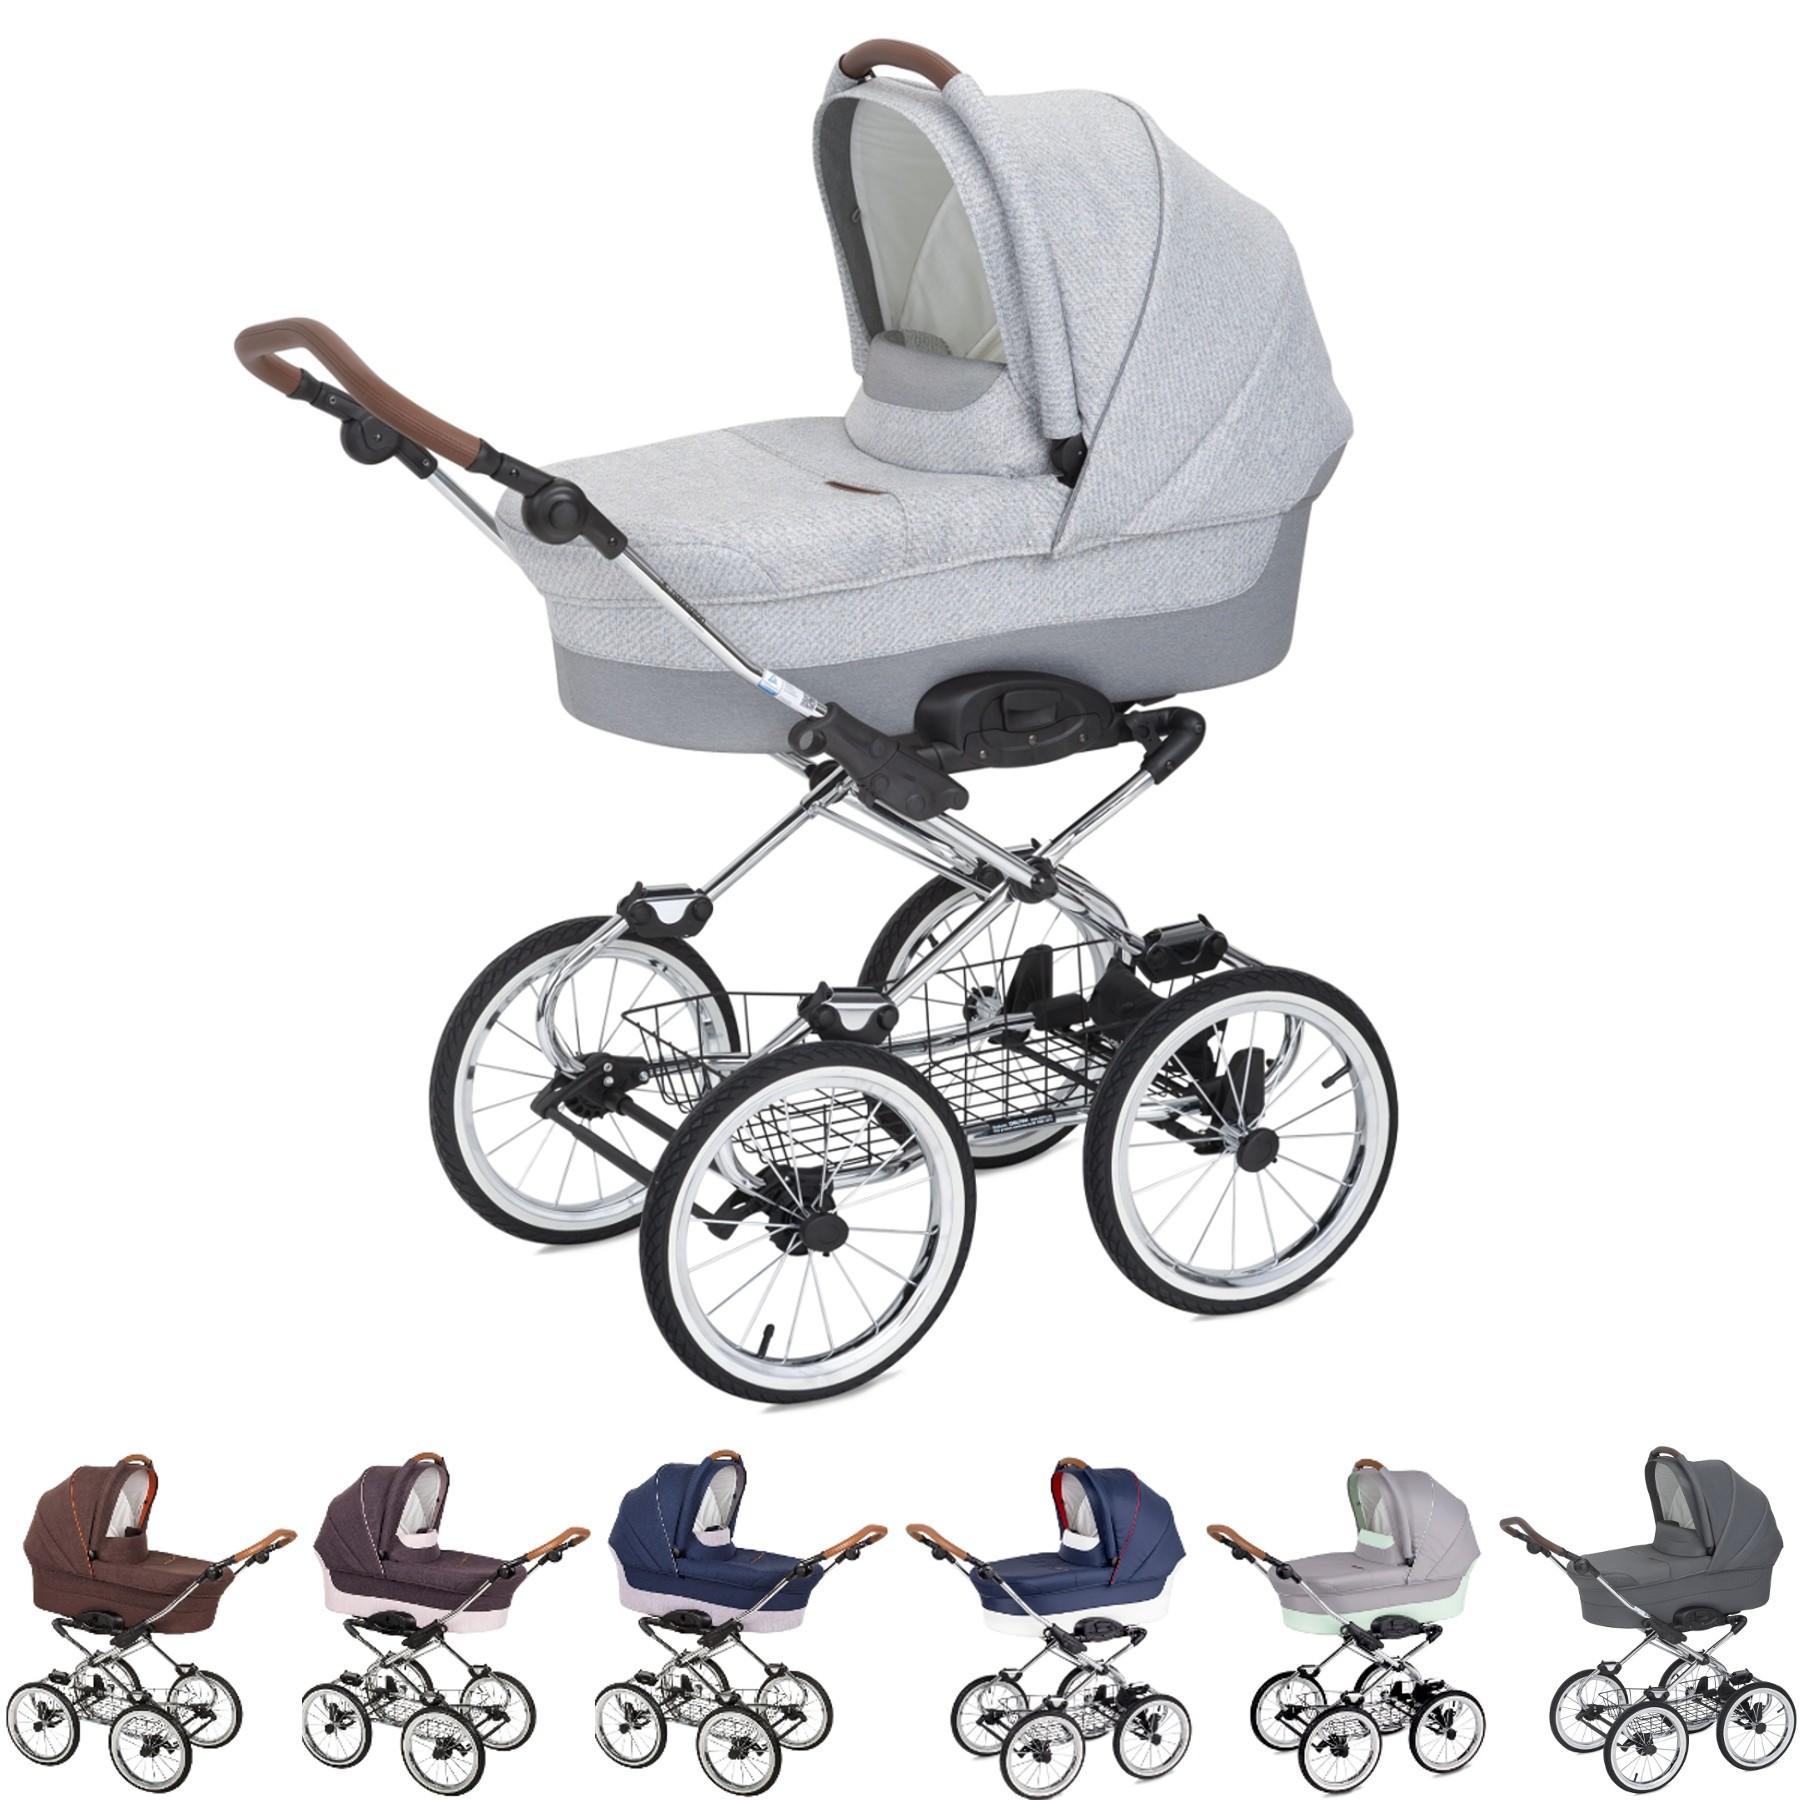 Luxus retro Kombi-Kinderwagen Navington Caravel Stoff mit Babywanne & Wickeltasche, 4 Farben